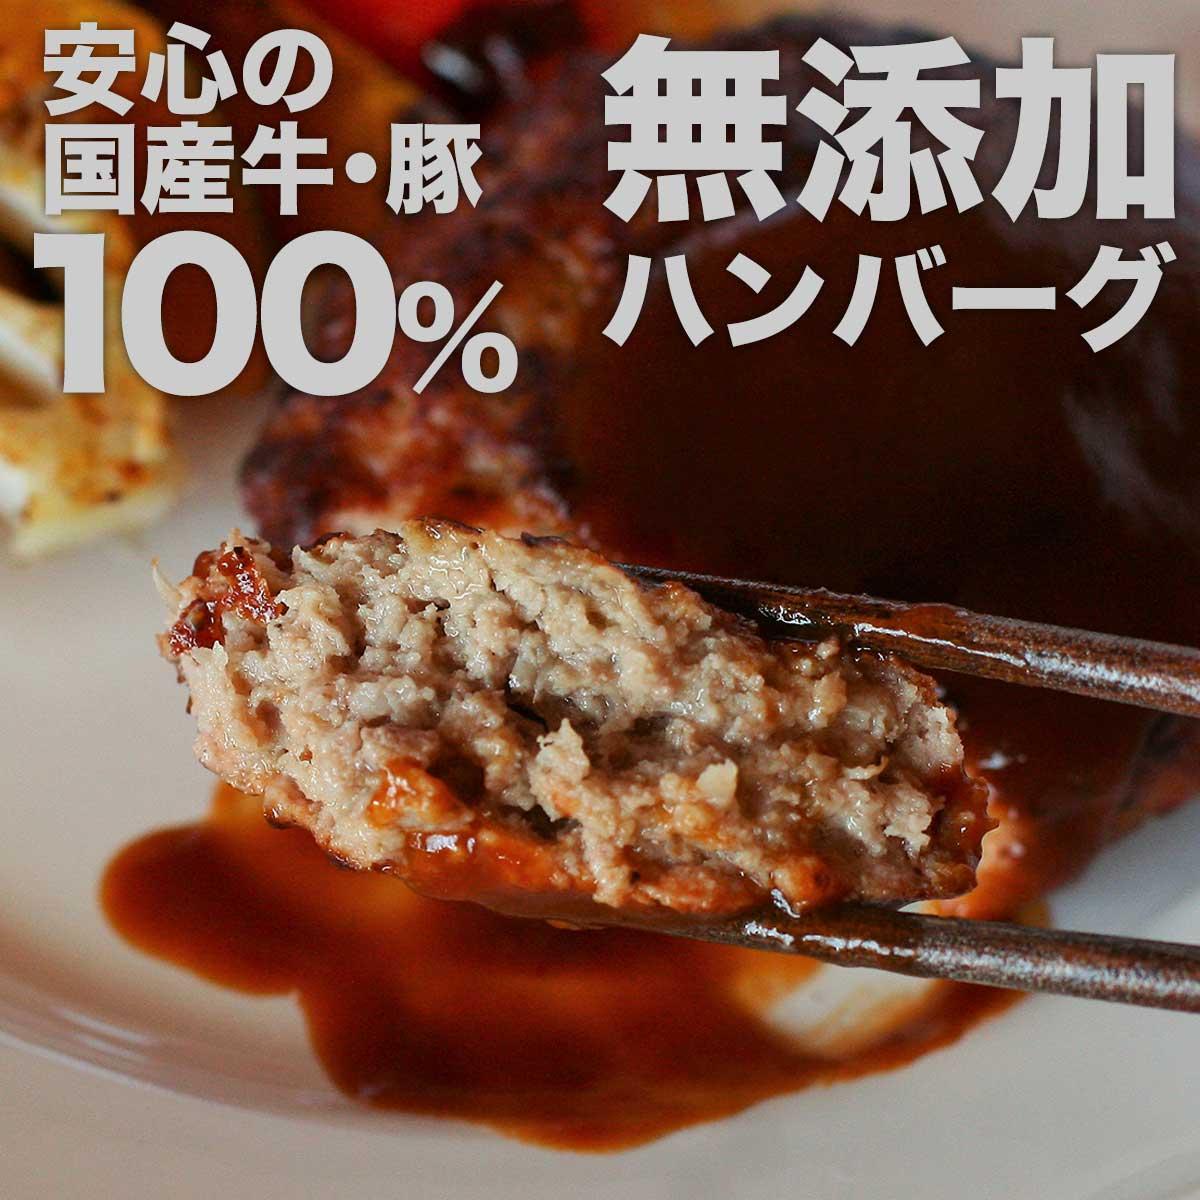 温めるだけの国産牛・豚100%無添加ハンバーグ